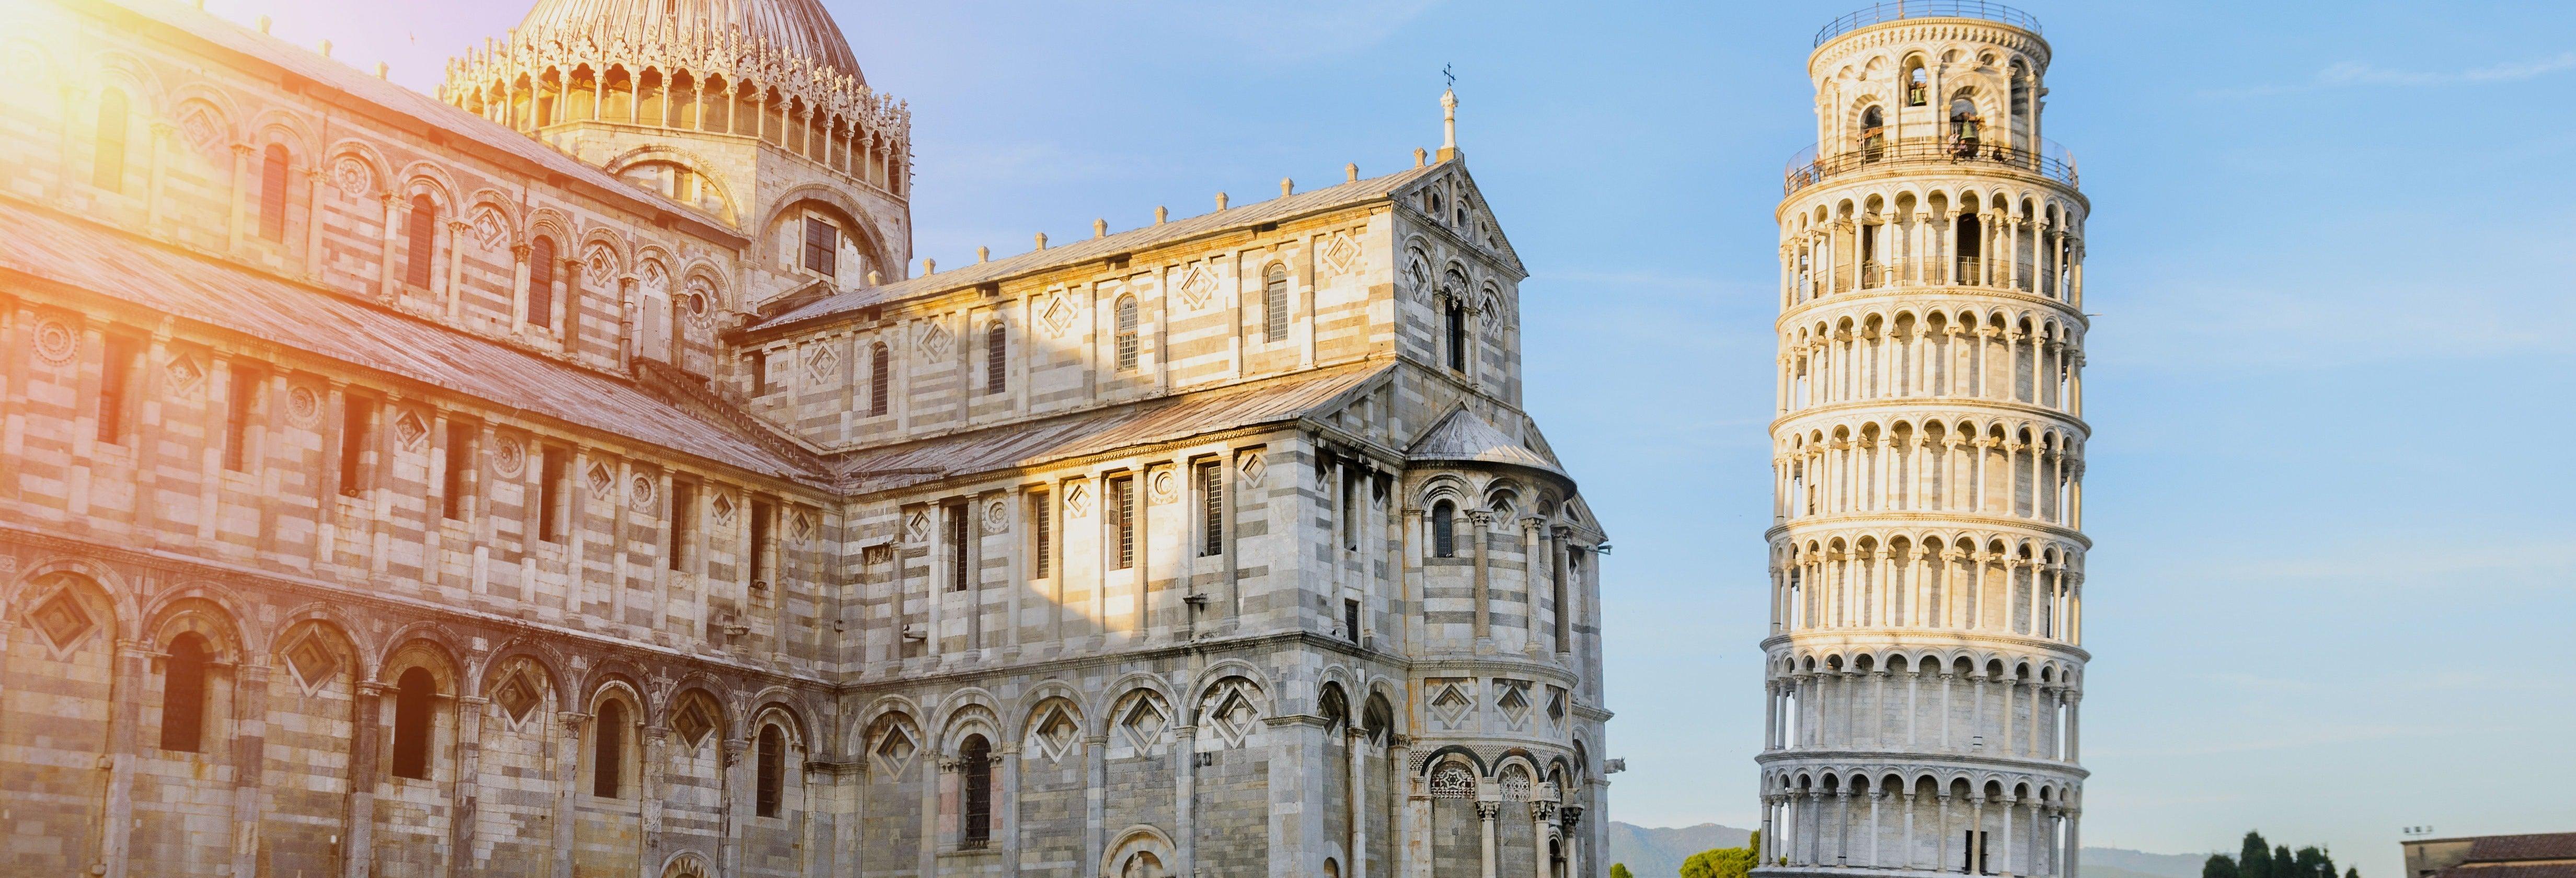 Excursión a Pisa + Torre inclinada